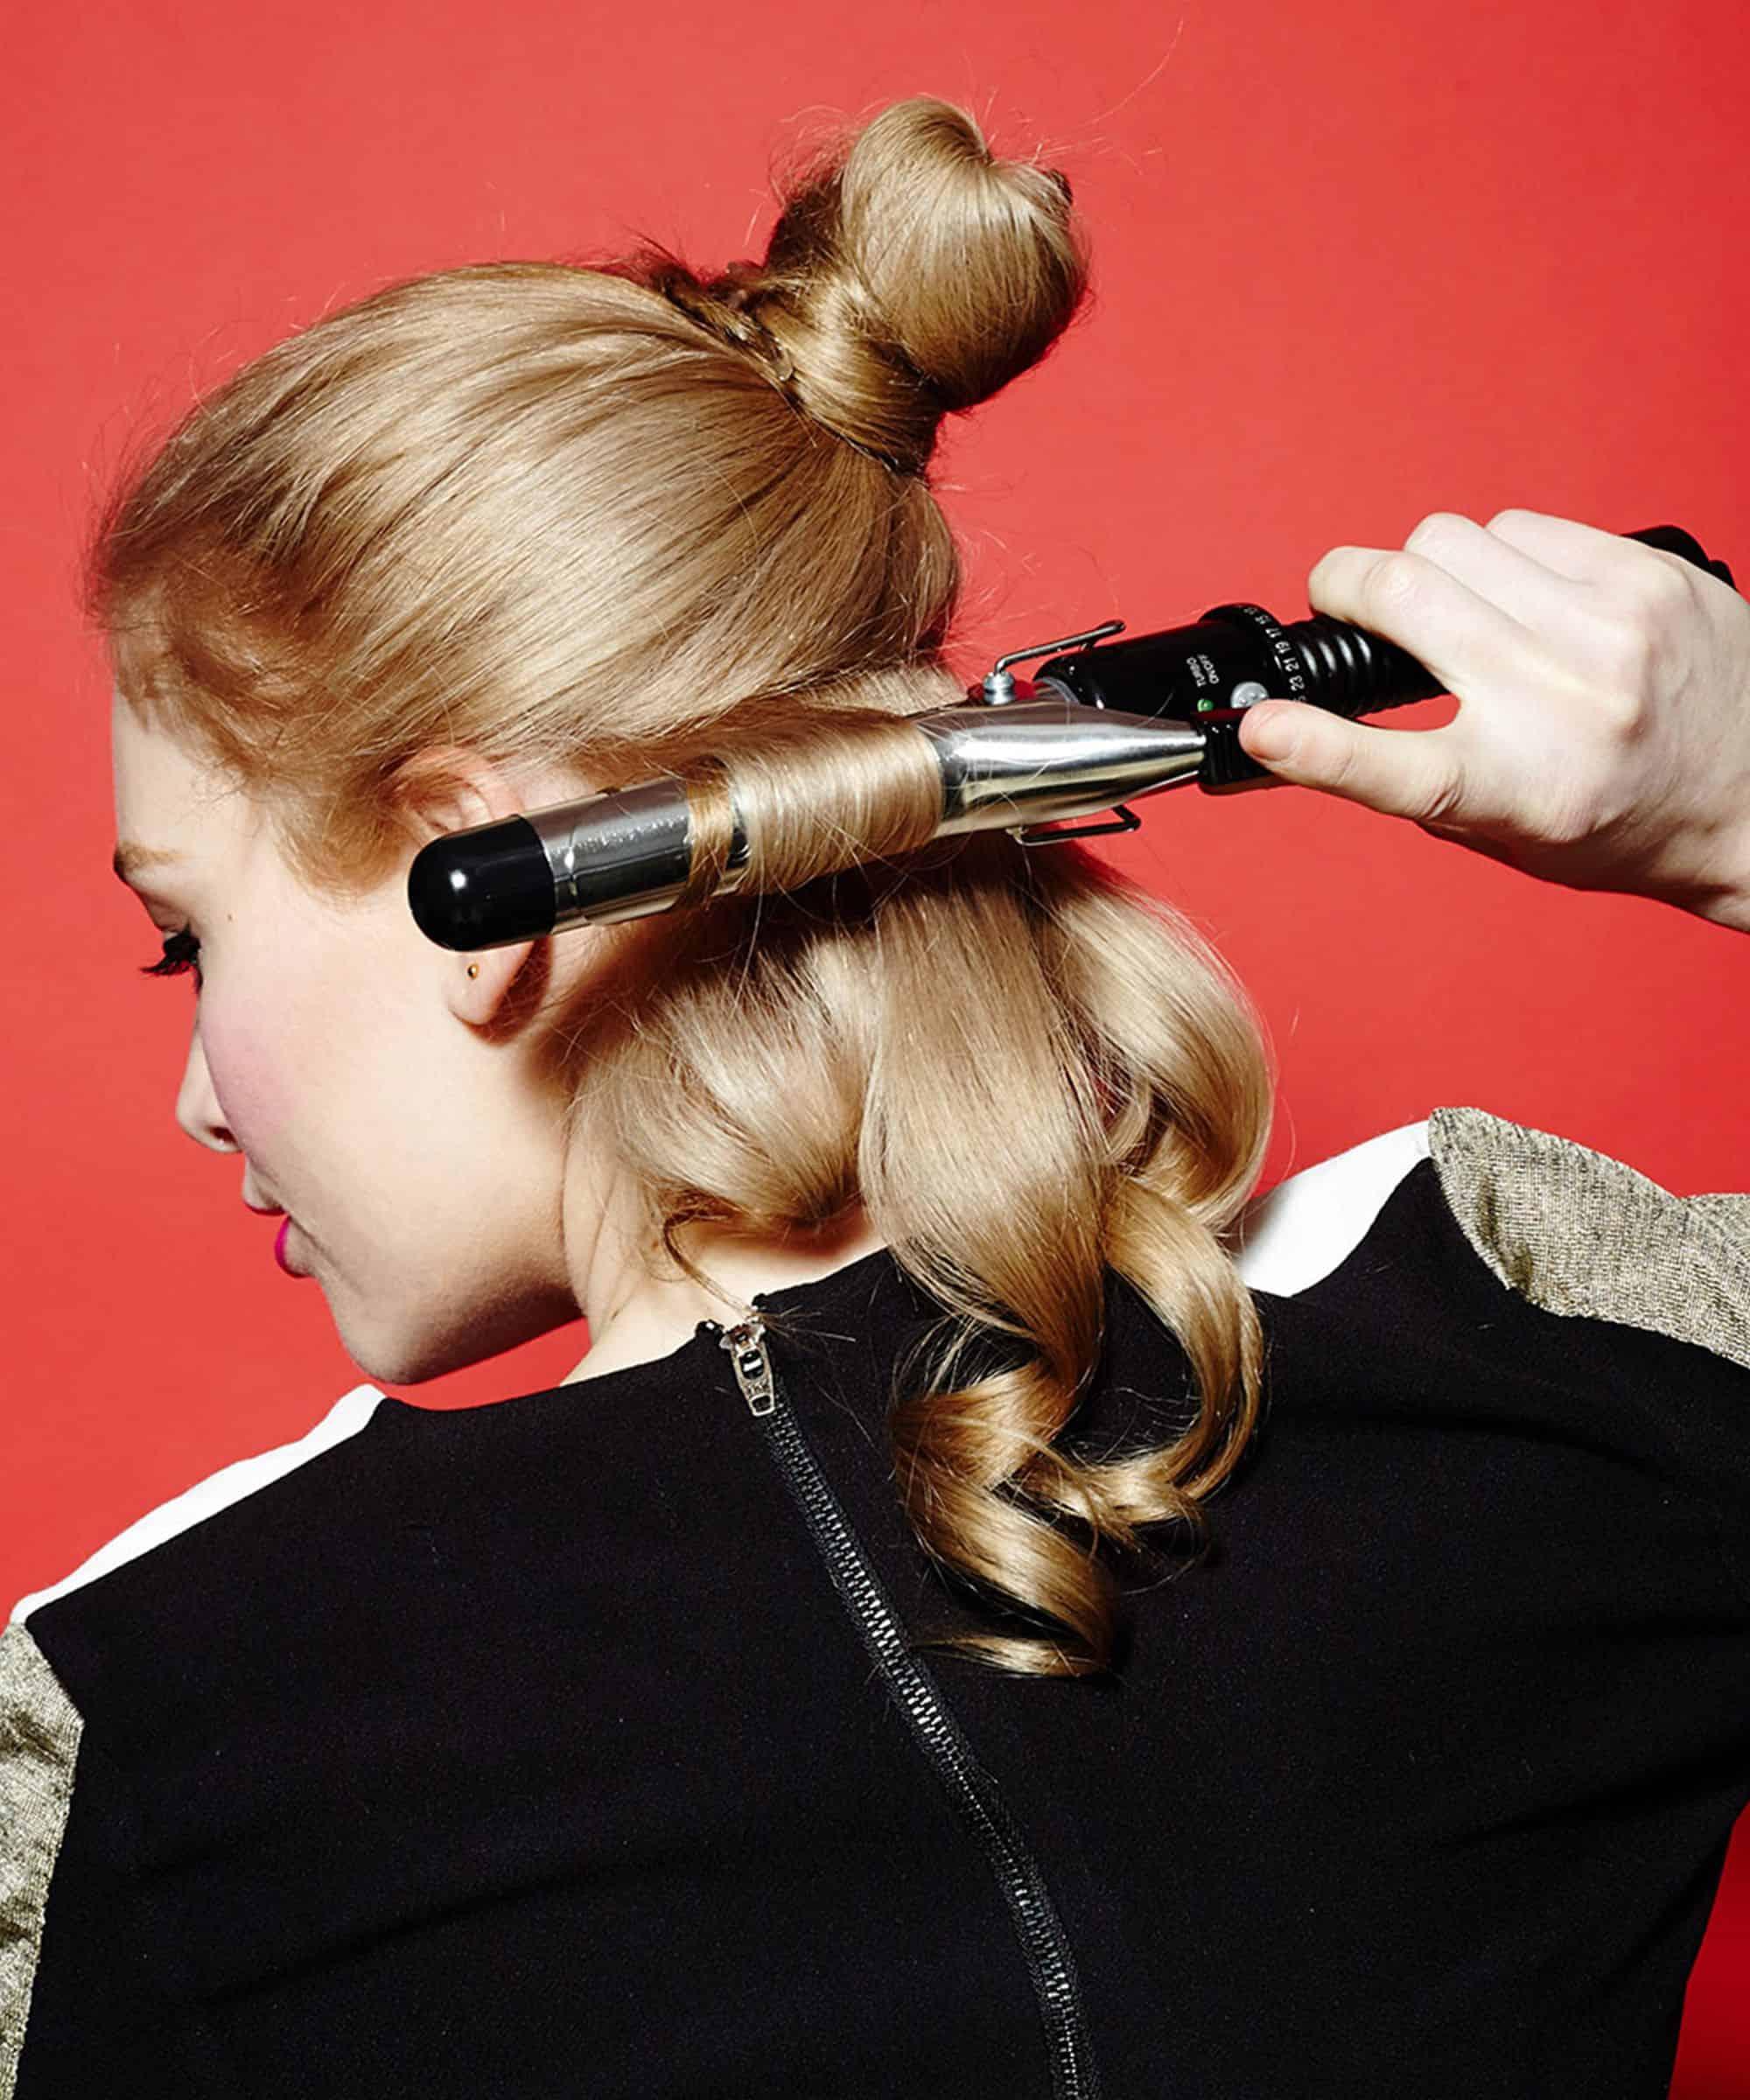 Chia tóc thành từng lọn nhỏ để uốn